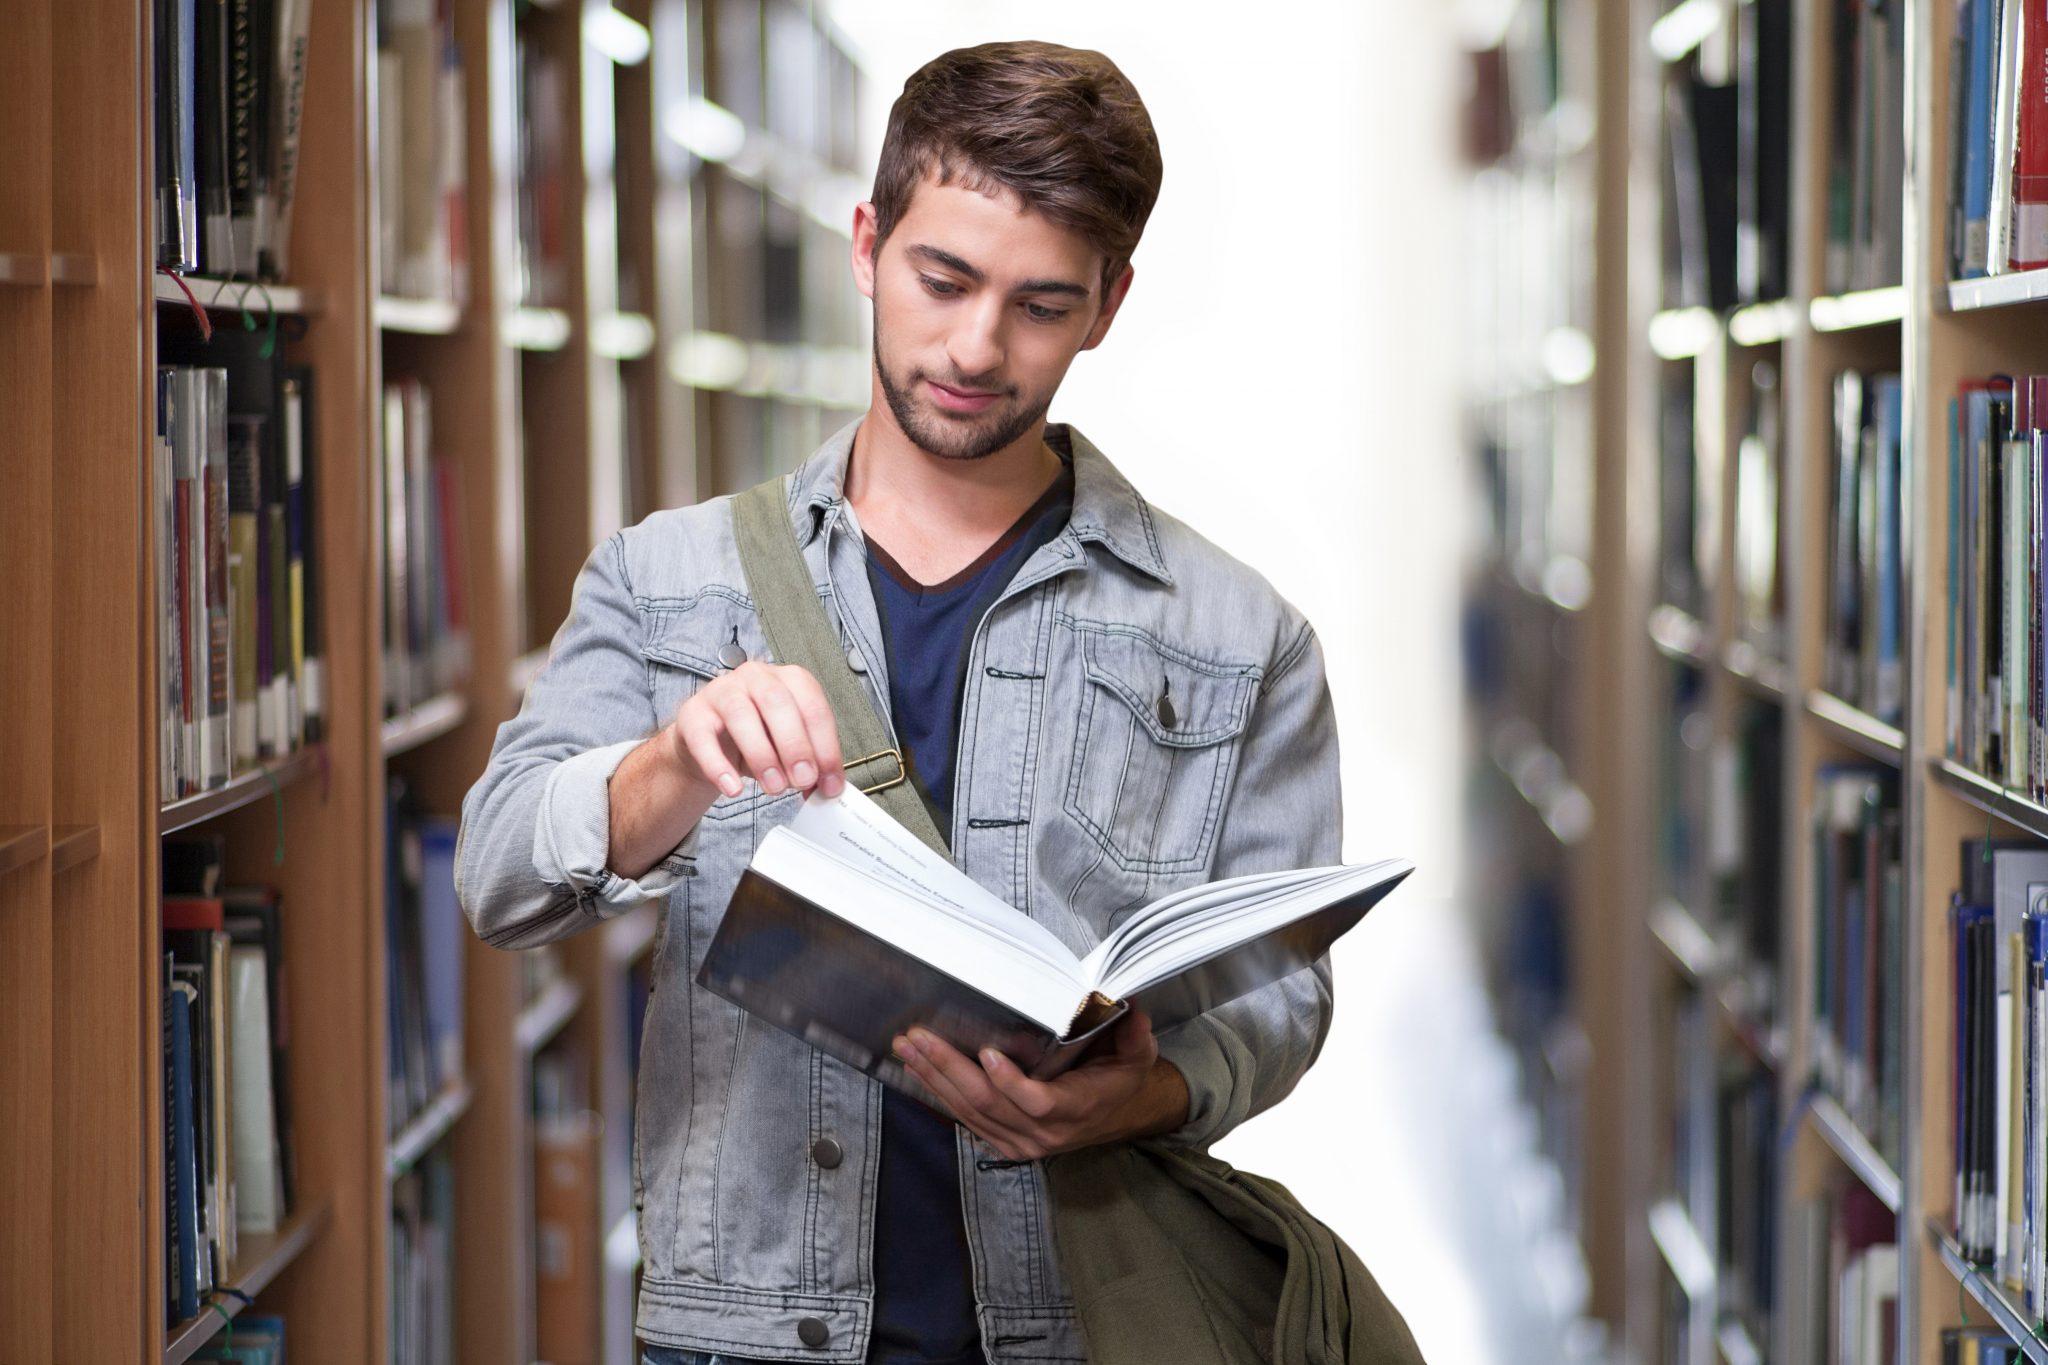 Estudiante-TrámitesparaInmigrantes